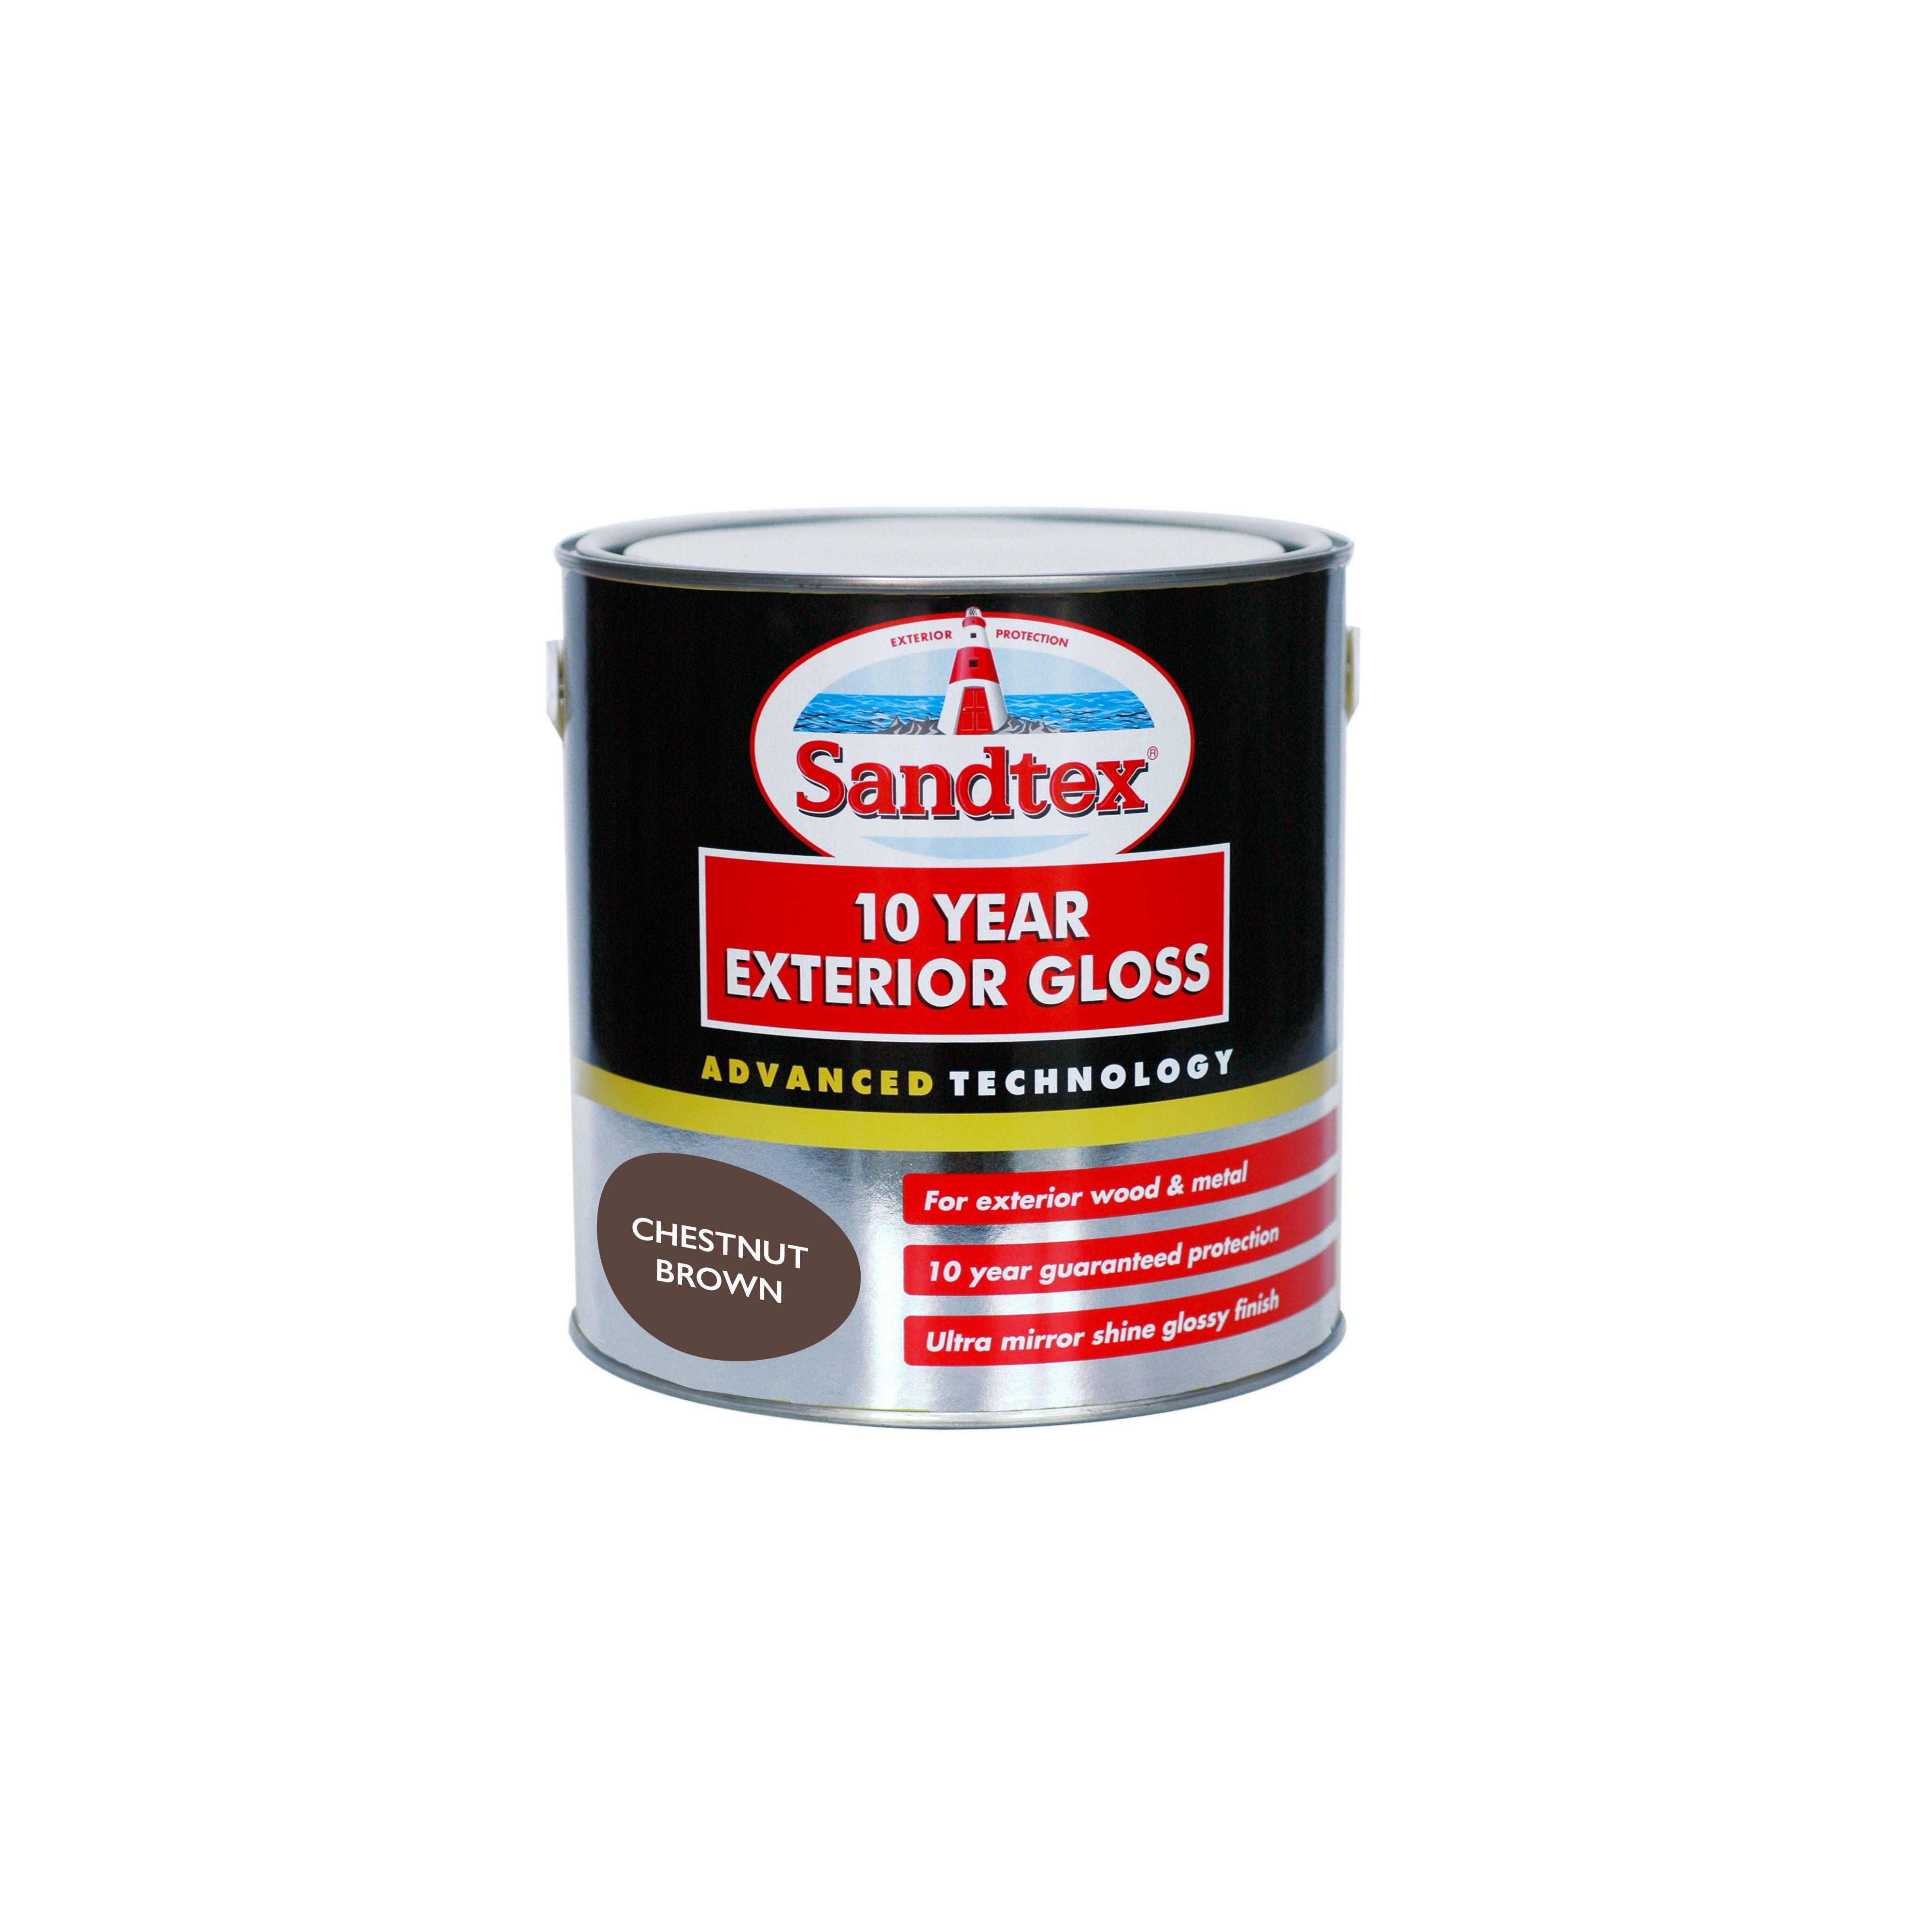 Sandtex Chestnut Brown - Exterior Gloss Paint - 2.5L on zinsser exterior paint, dulux exterior paint, glidden exterior paint, gloss exterior paint, crown exterior paint, satin exterior paint, fired earth exterior paint, weathershield exterior paint, rust-oleum exterior paint,